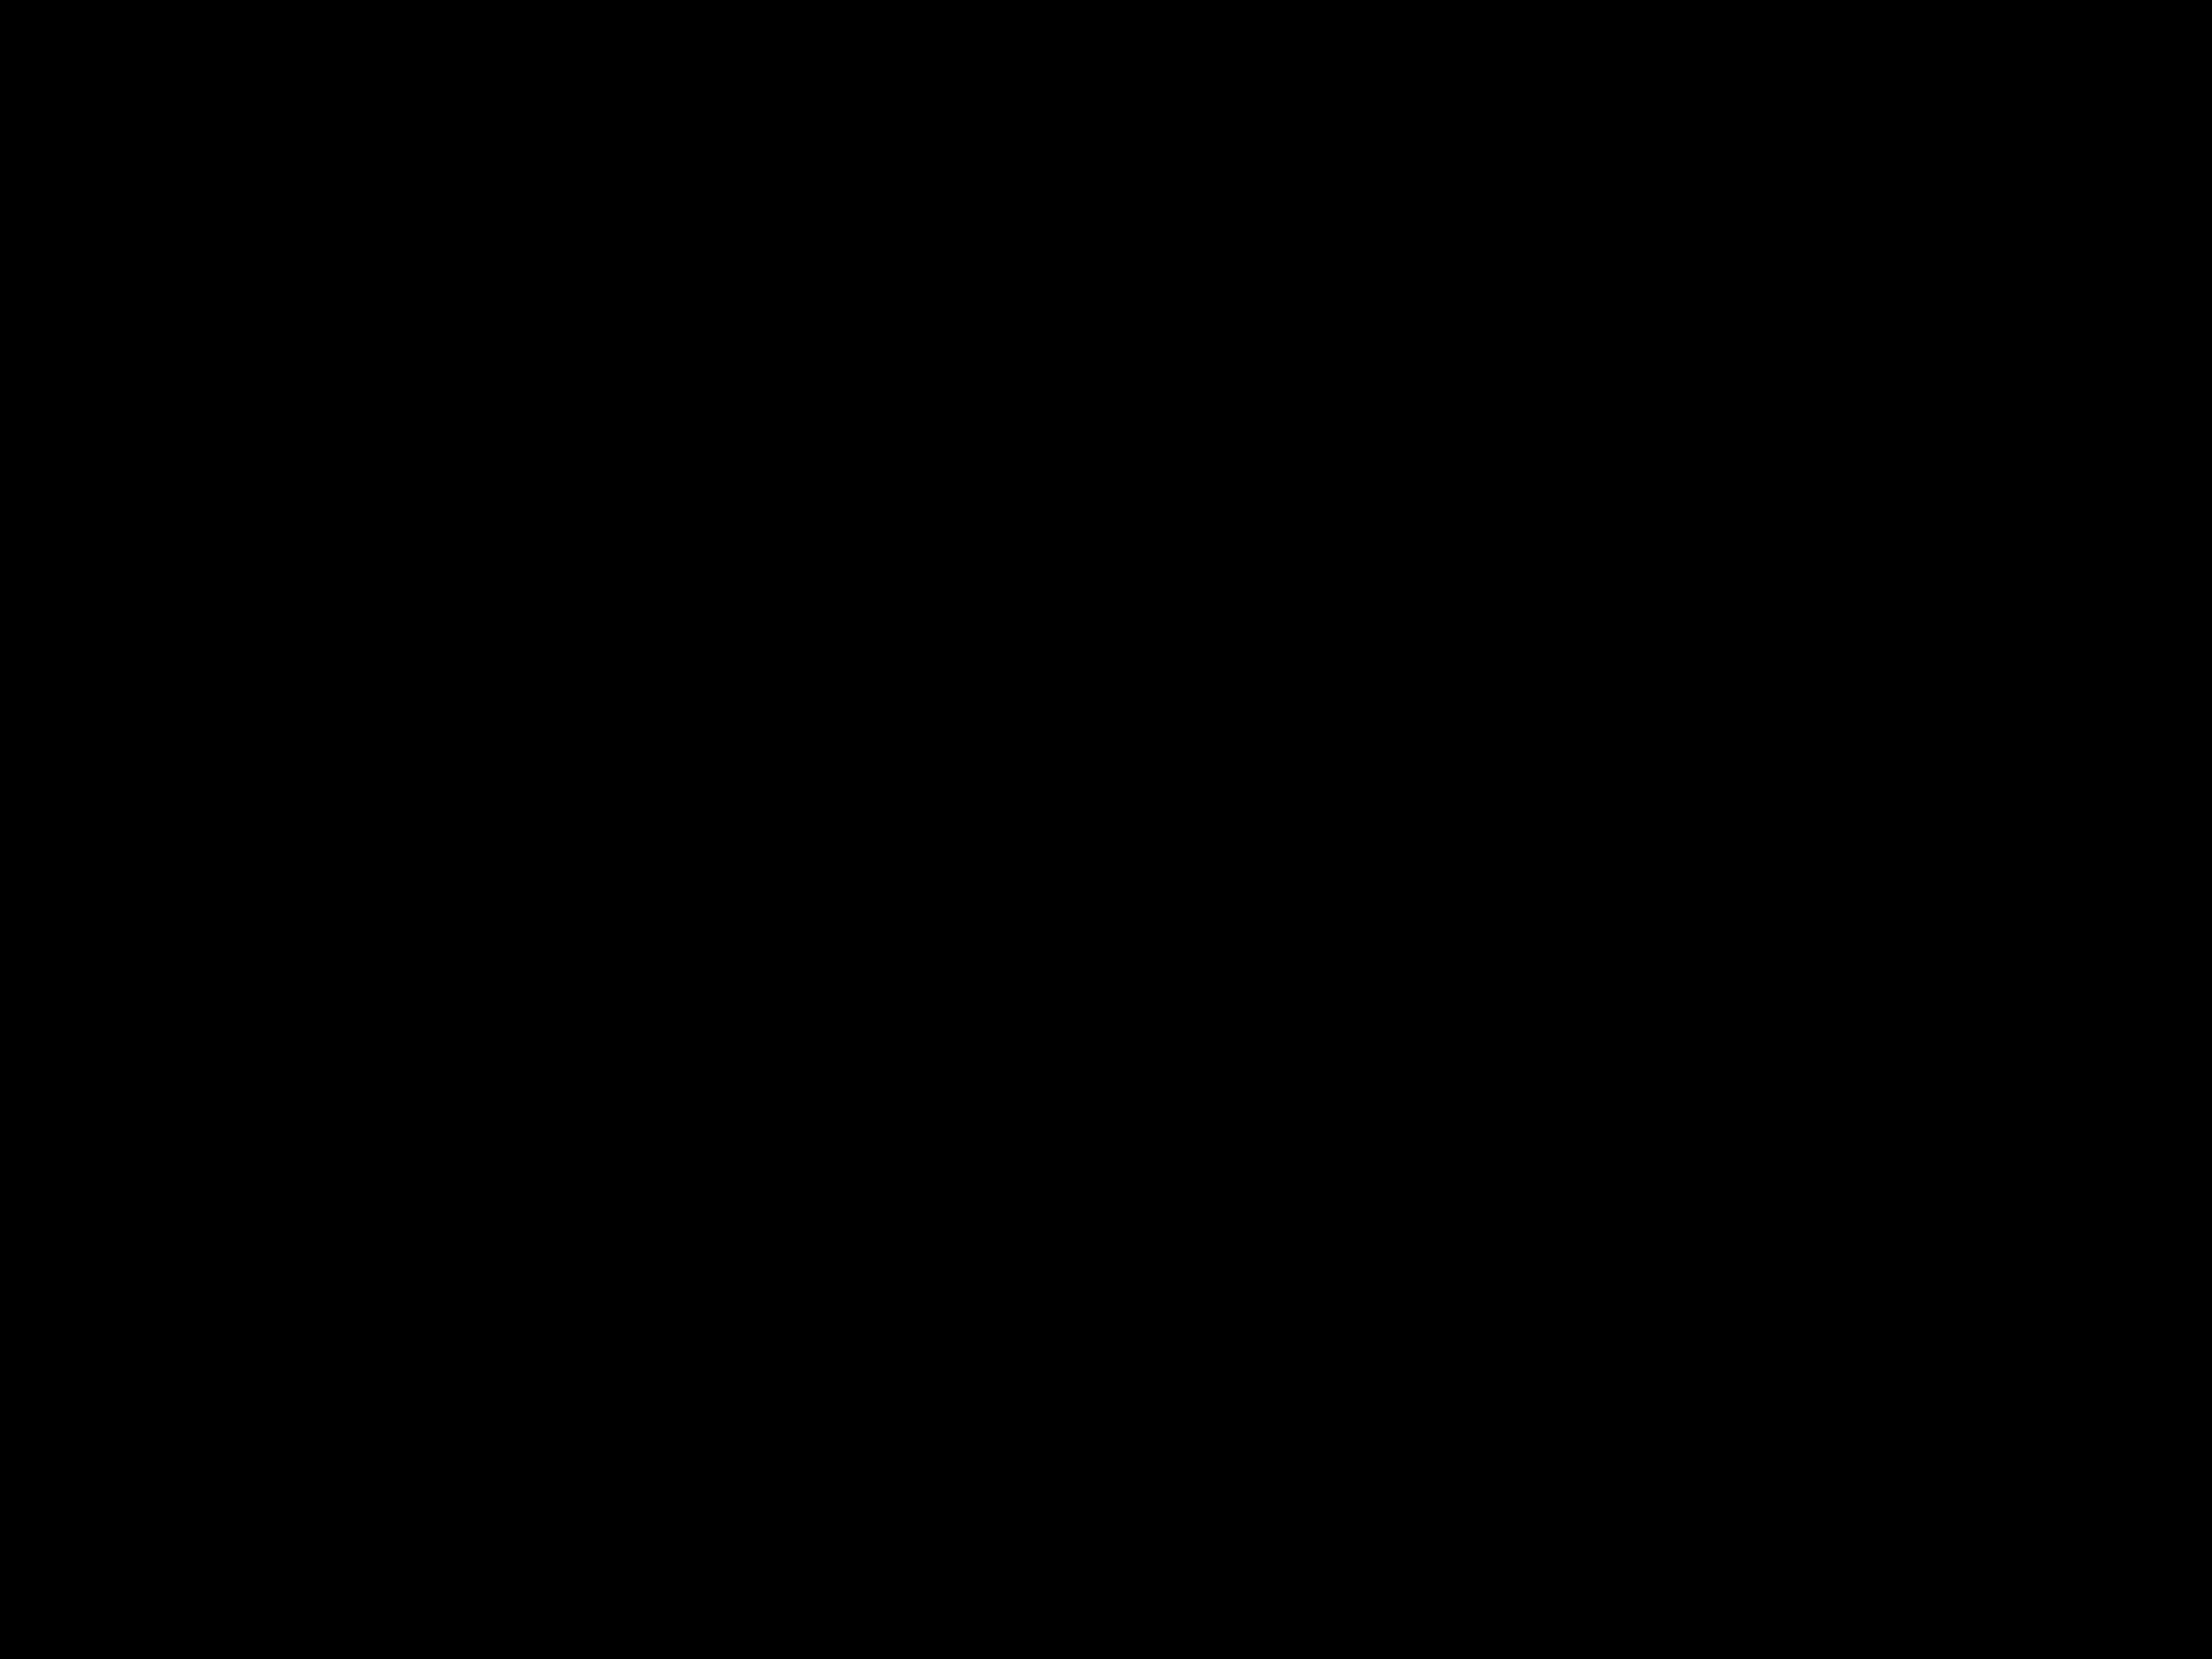 immagine rifrazione oculare luce